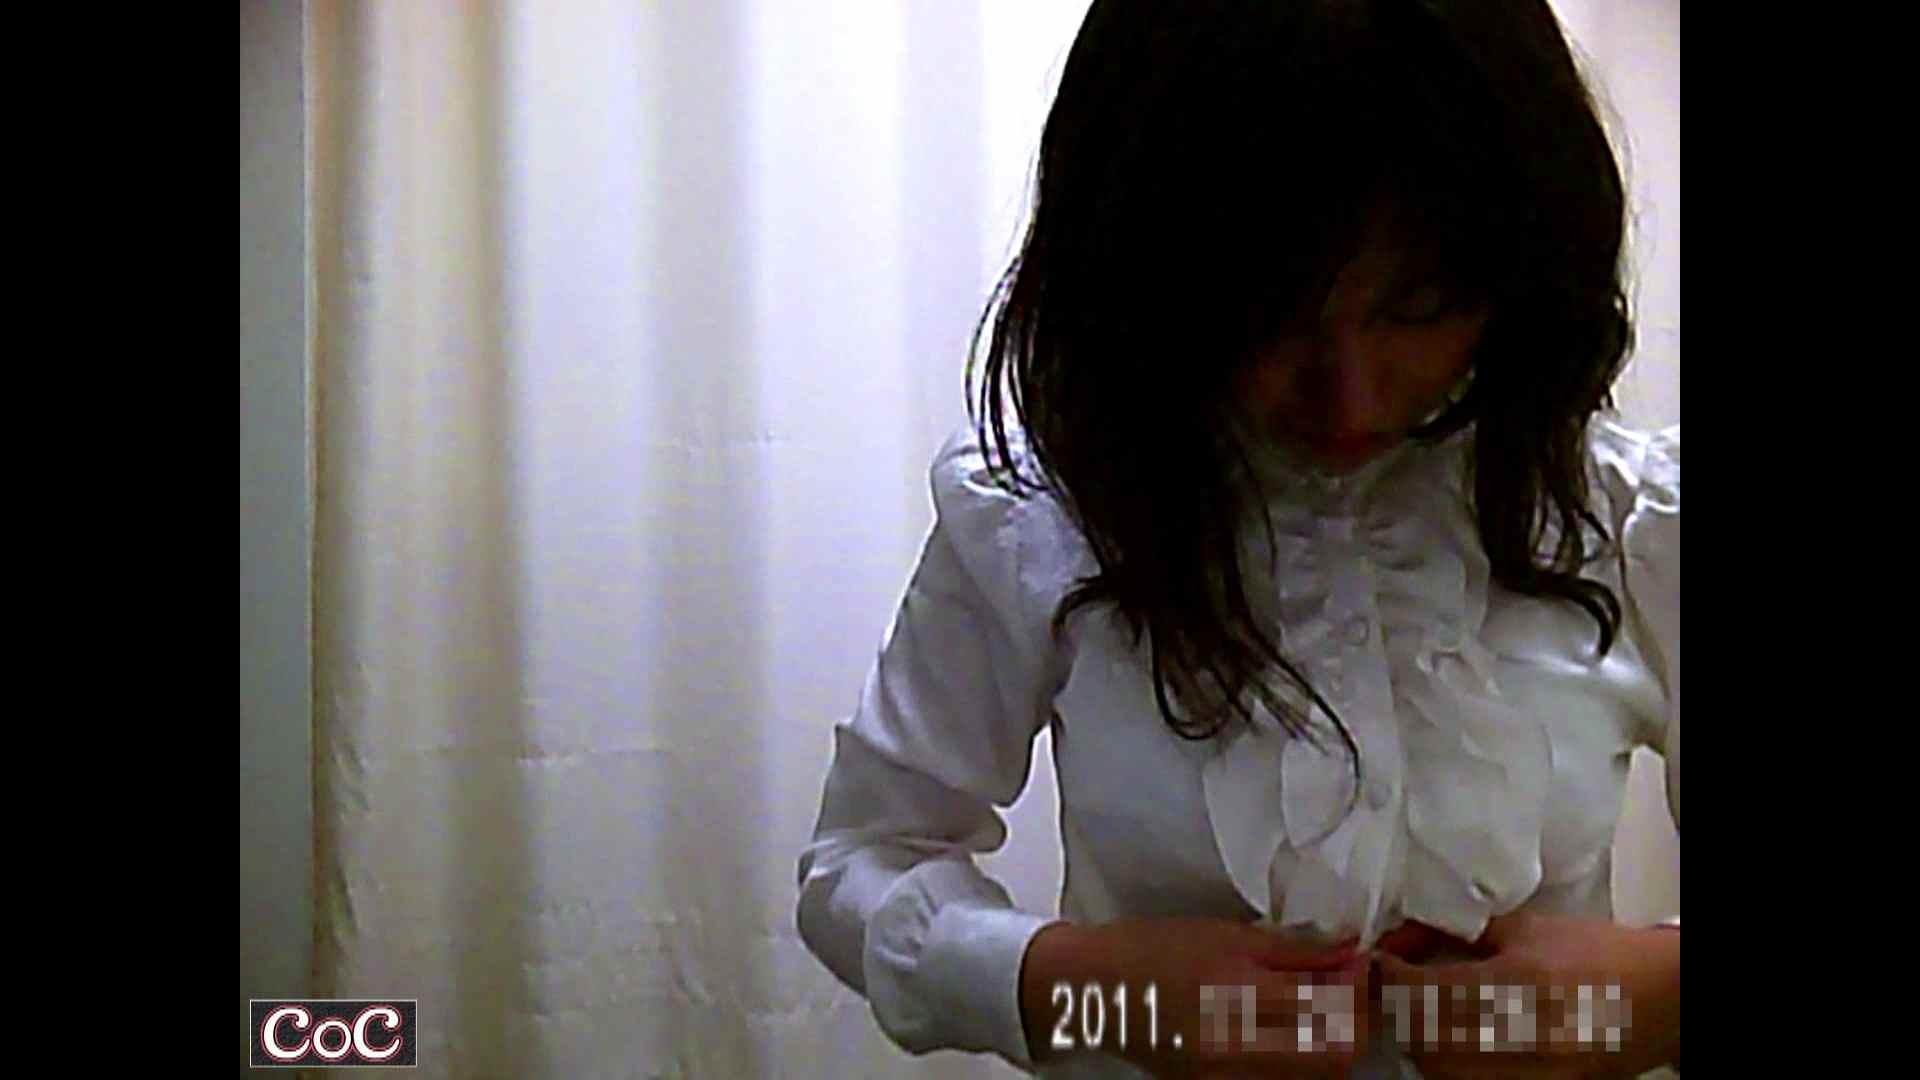 病院おもいっきり着替え! vol.104 独占盗撮 エロ画像 103連発 66